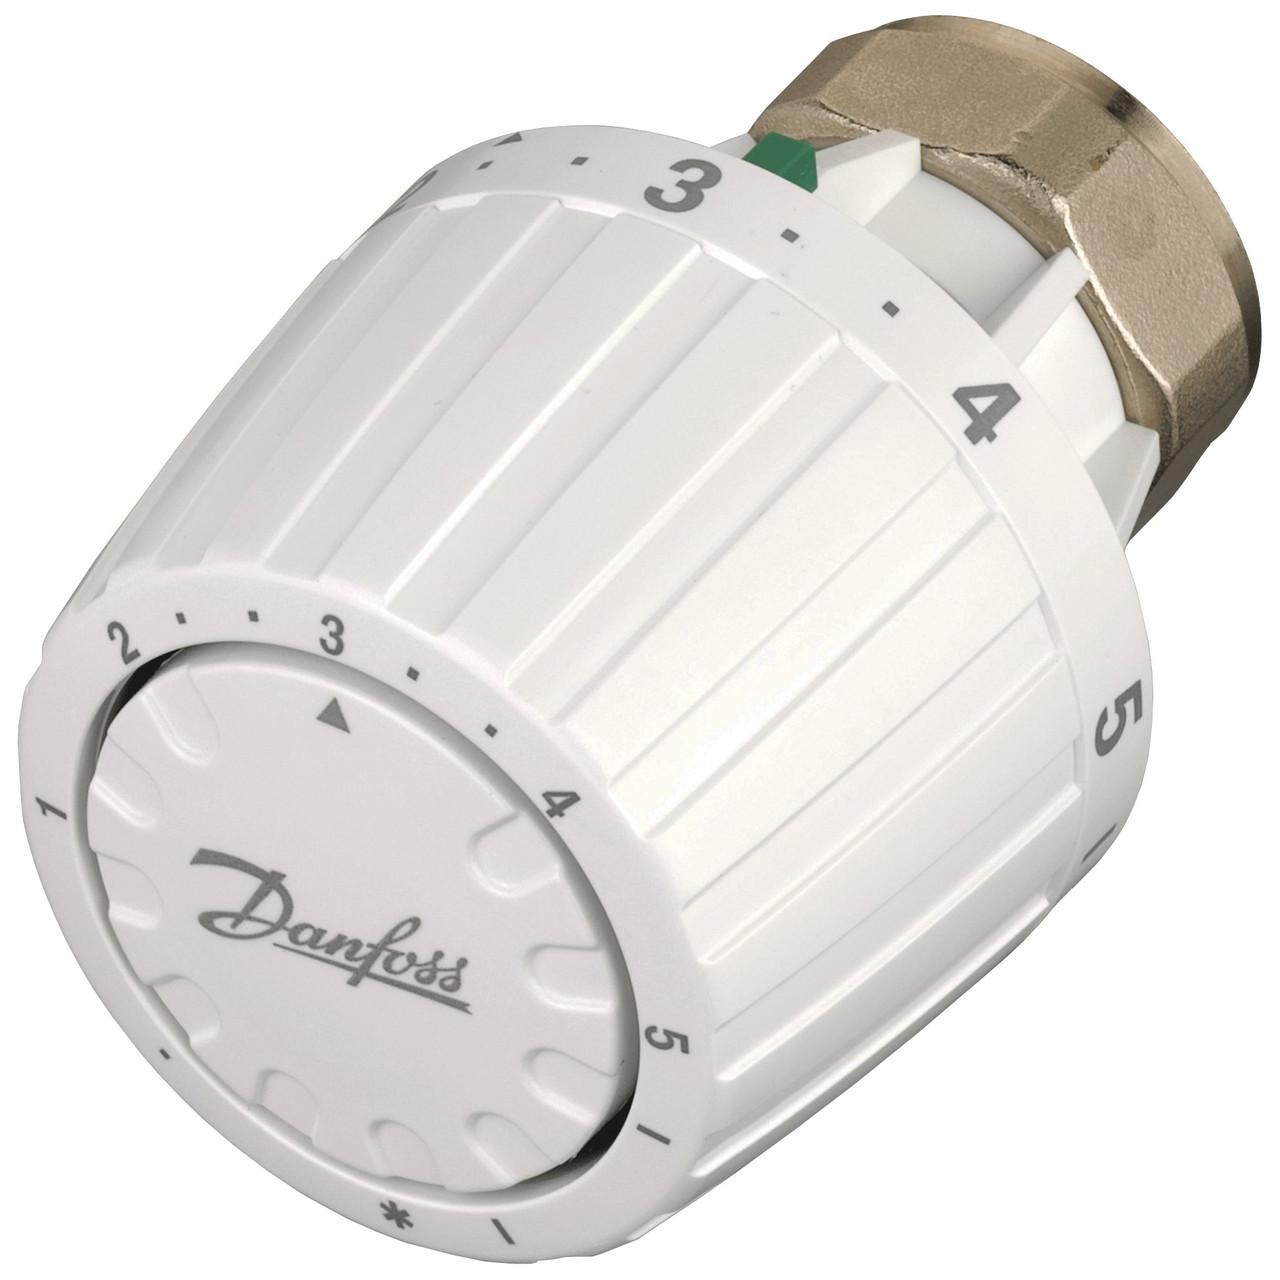 Радиаторный терморегулятор RA 2945 на старые клапаны Danfoss RTD